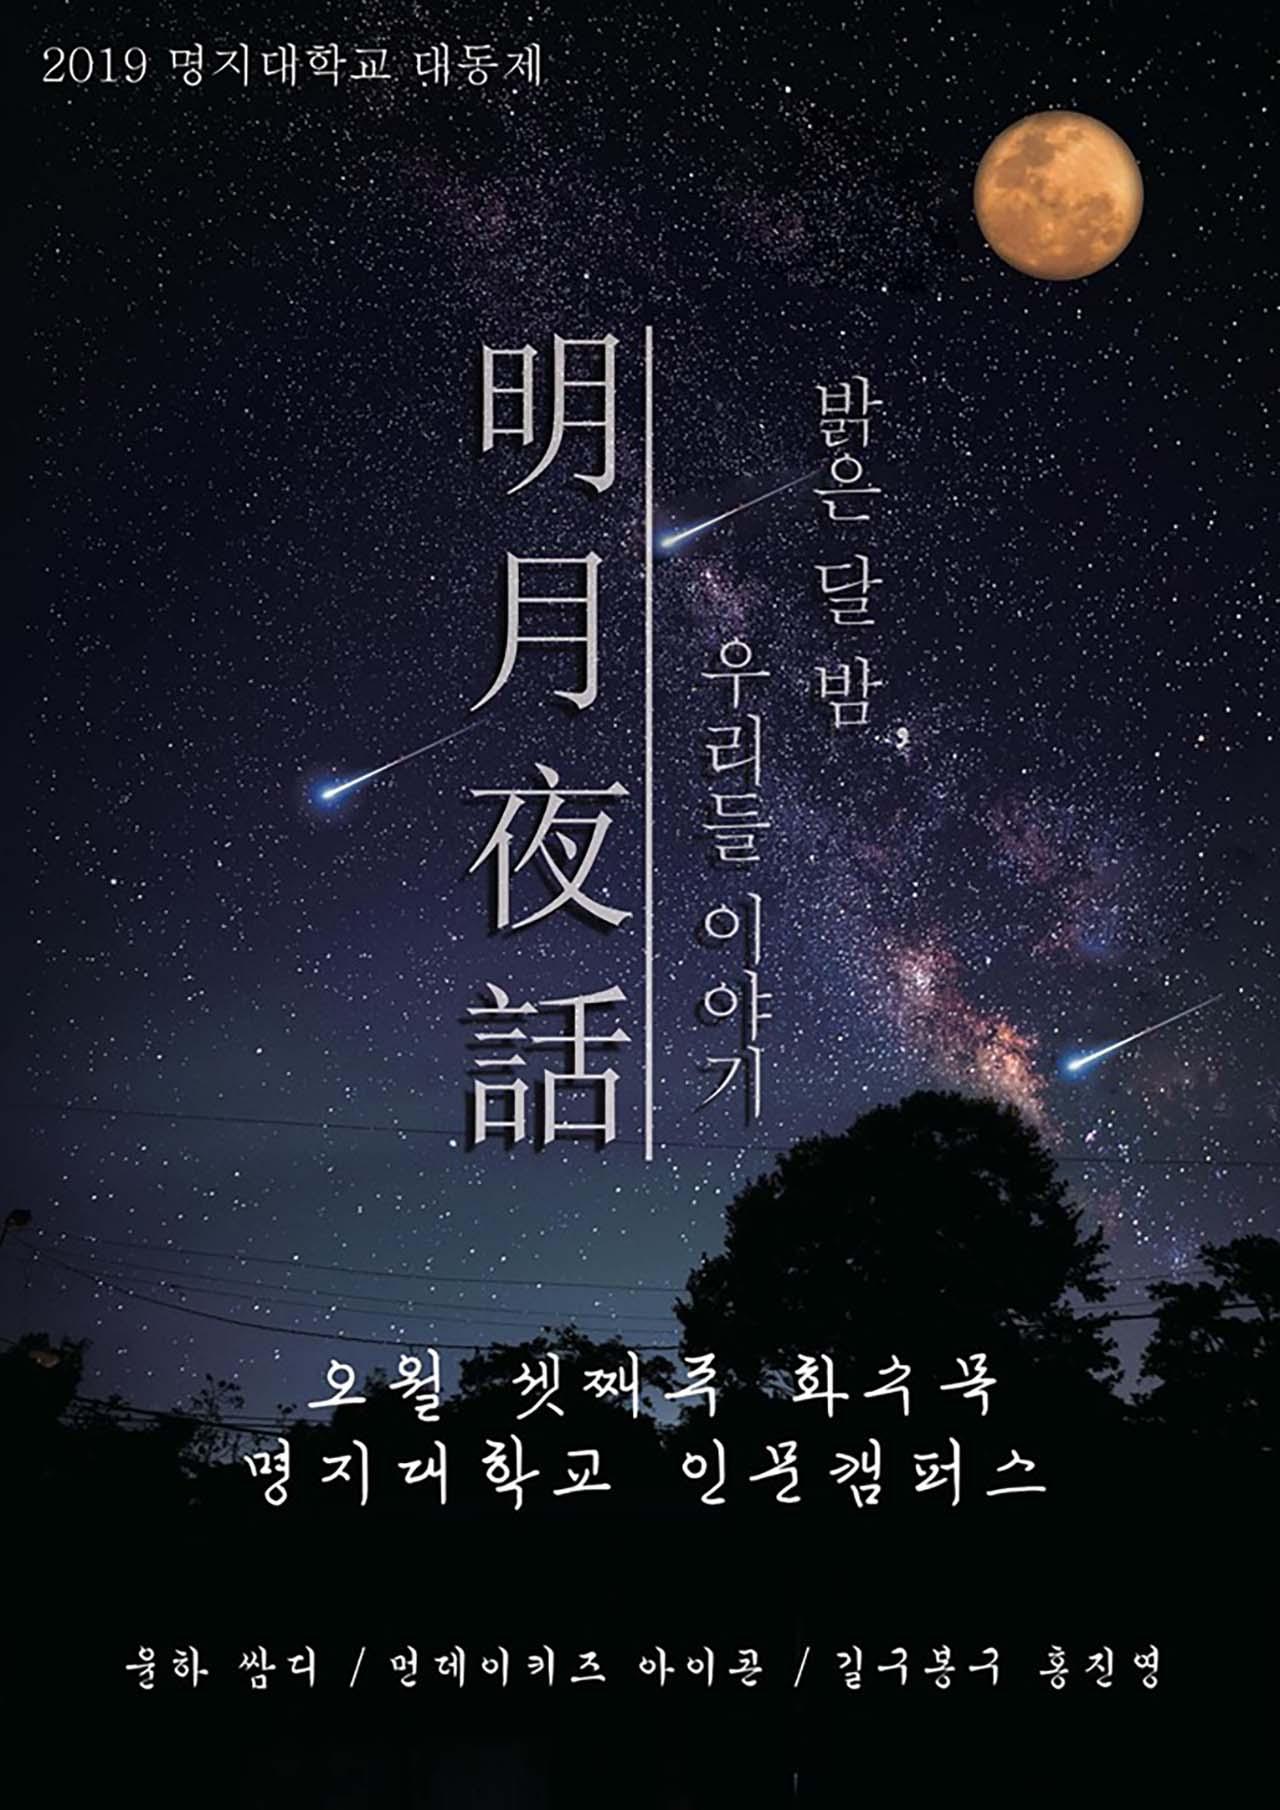 """""""축제에 YG 가수 섭외 부적절"""" 명지대 학생들 반발에 총학생회 사과"""